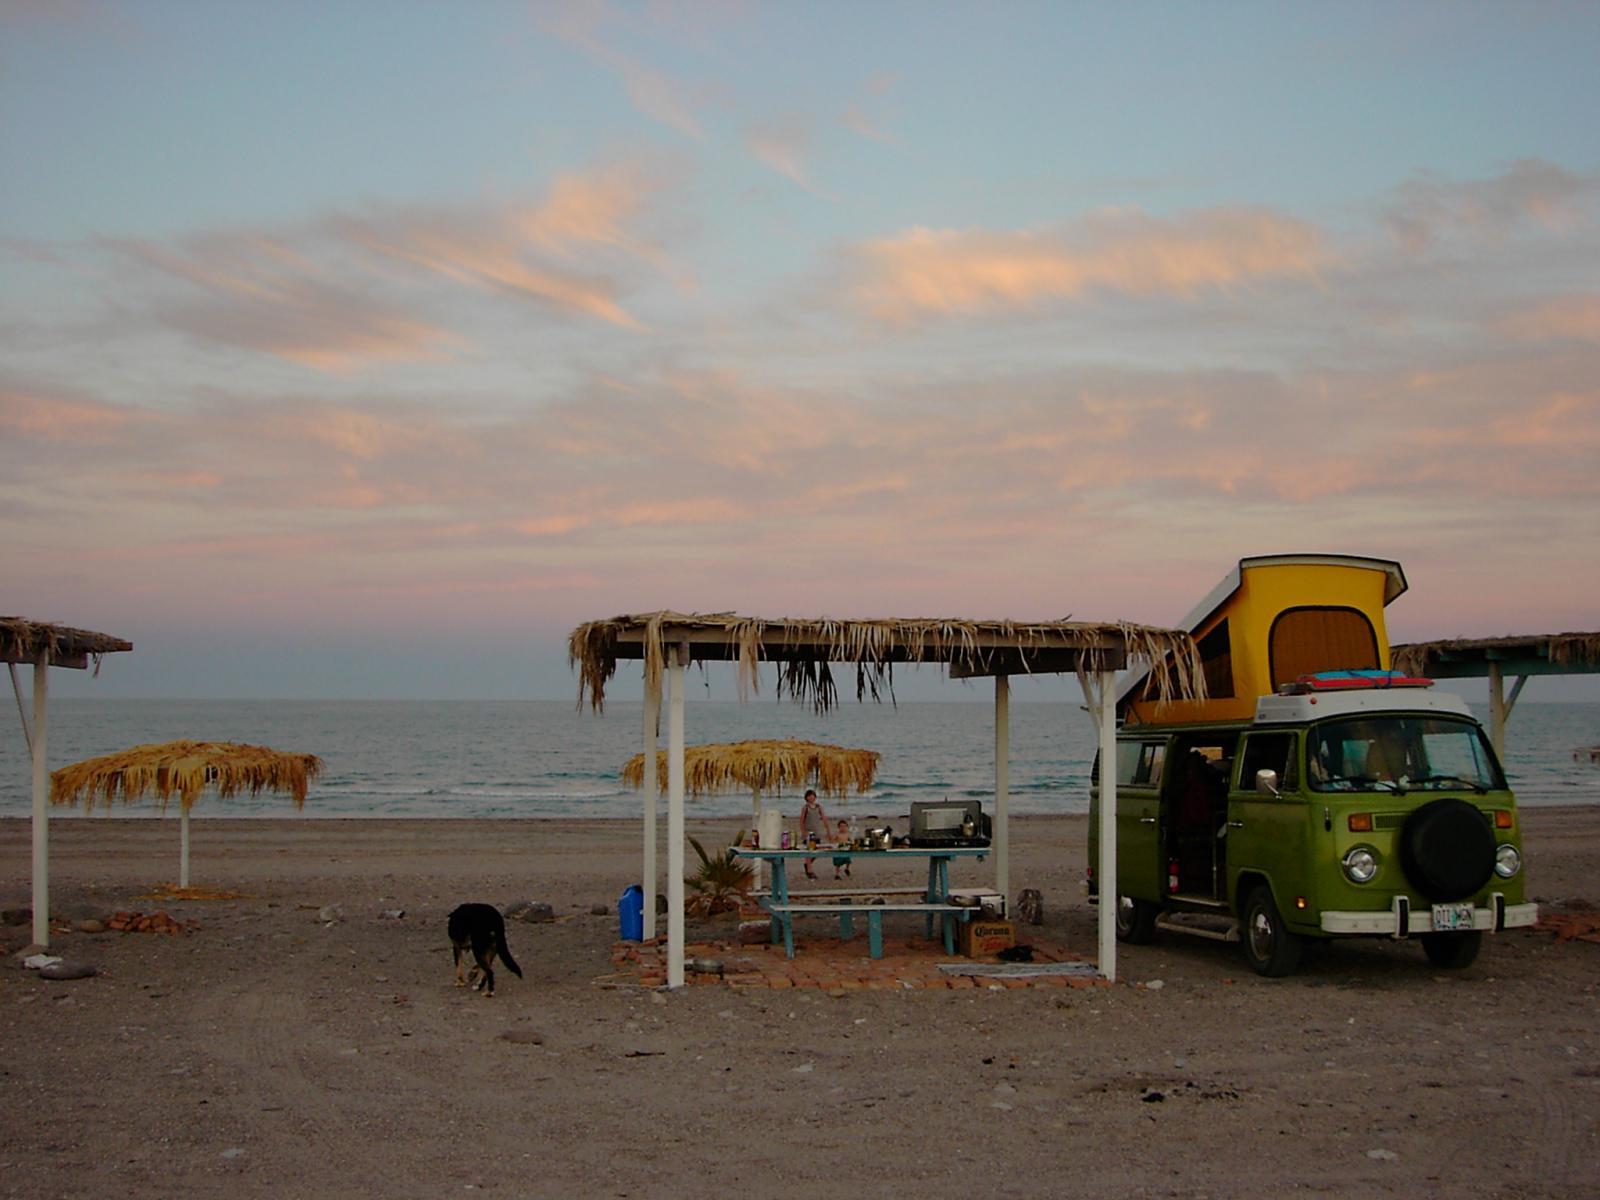 78 bus in Baja - vintage pics